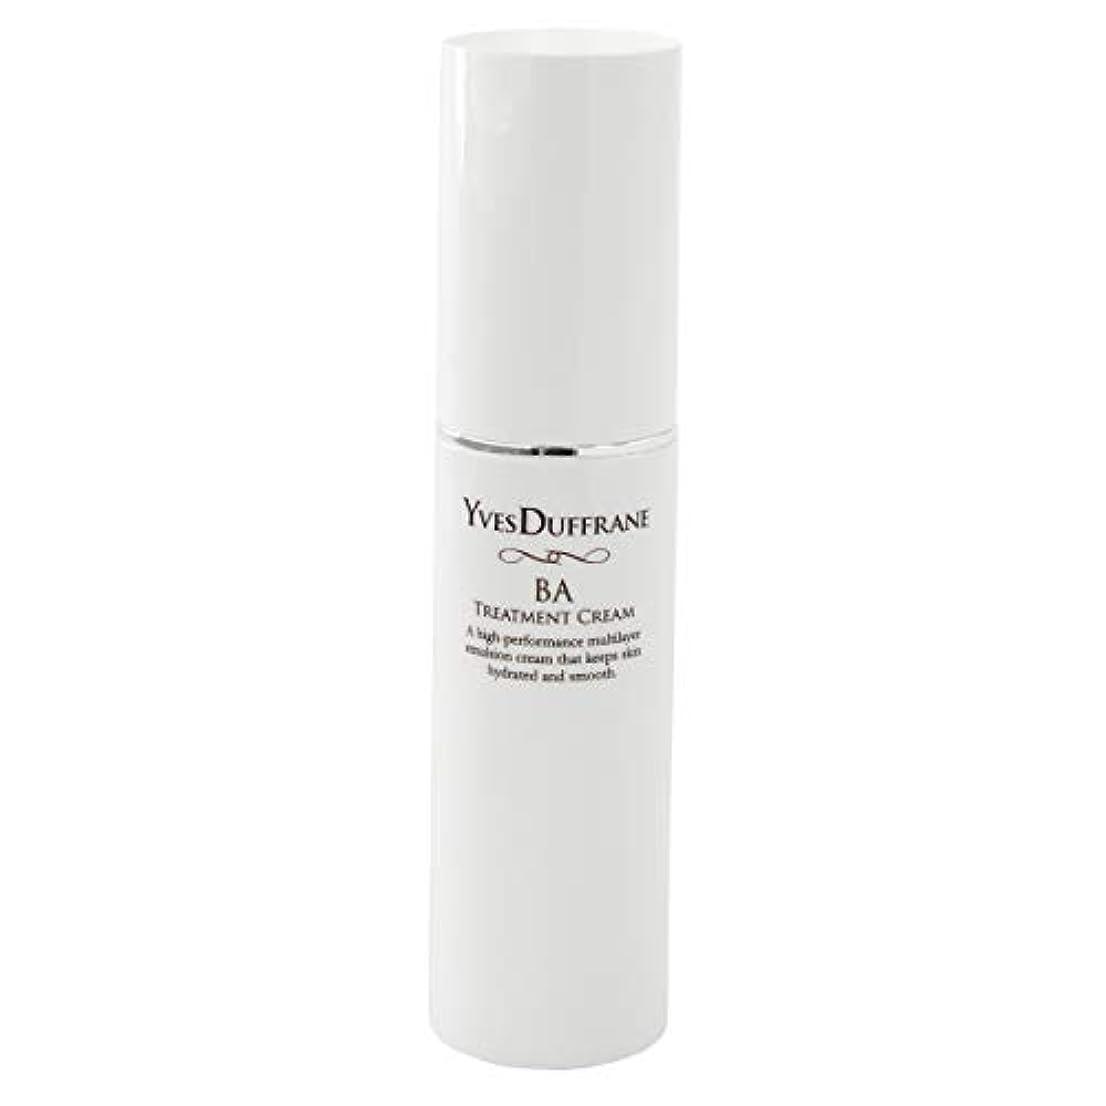 定義倍増ビザセラミド 美容クリーム [BAトリートメント クリーム ] 顔 目元 敏感肌 保湿 セラミド ビタミンC誘導体 バイオアンテージ配合